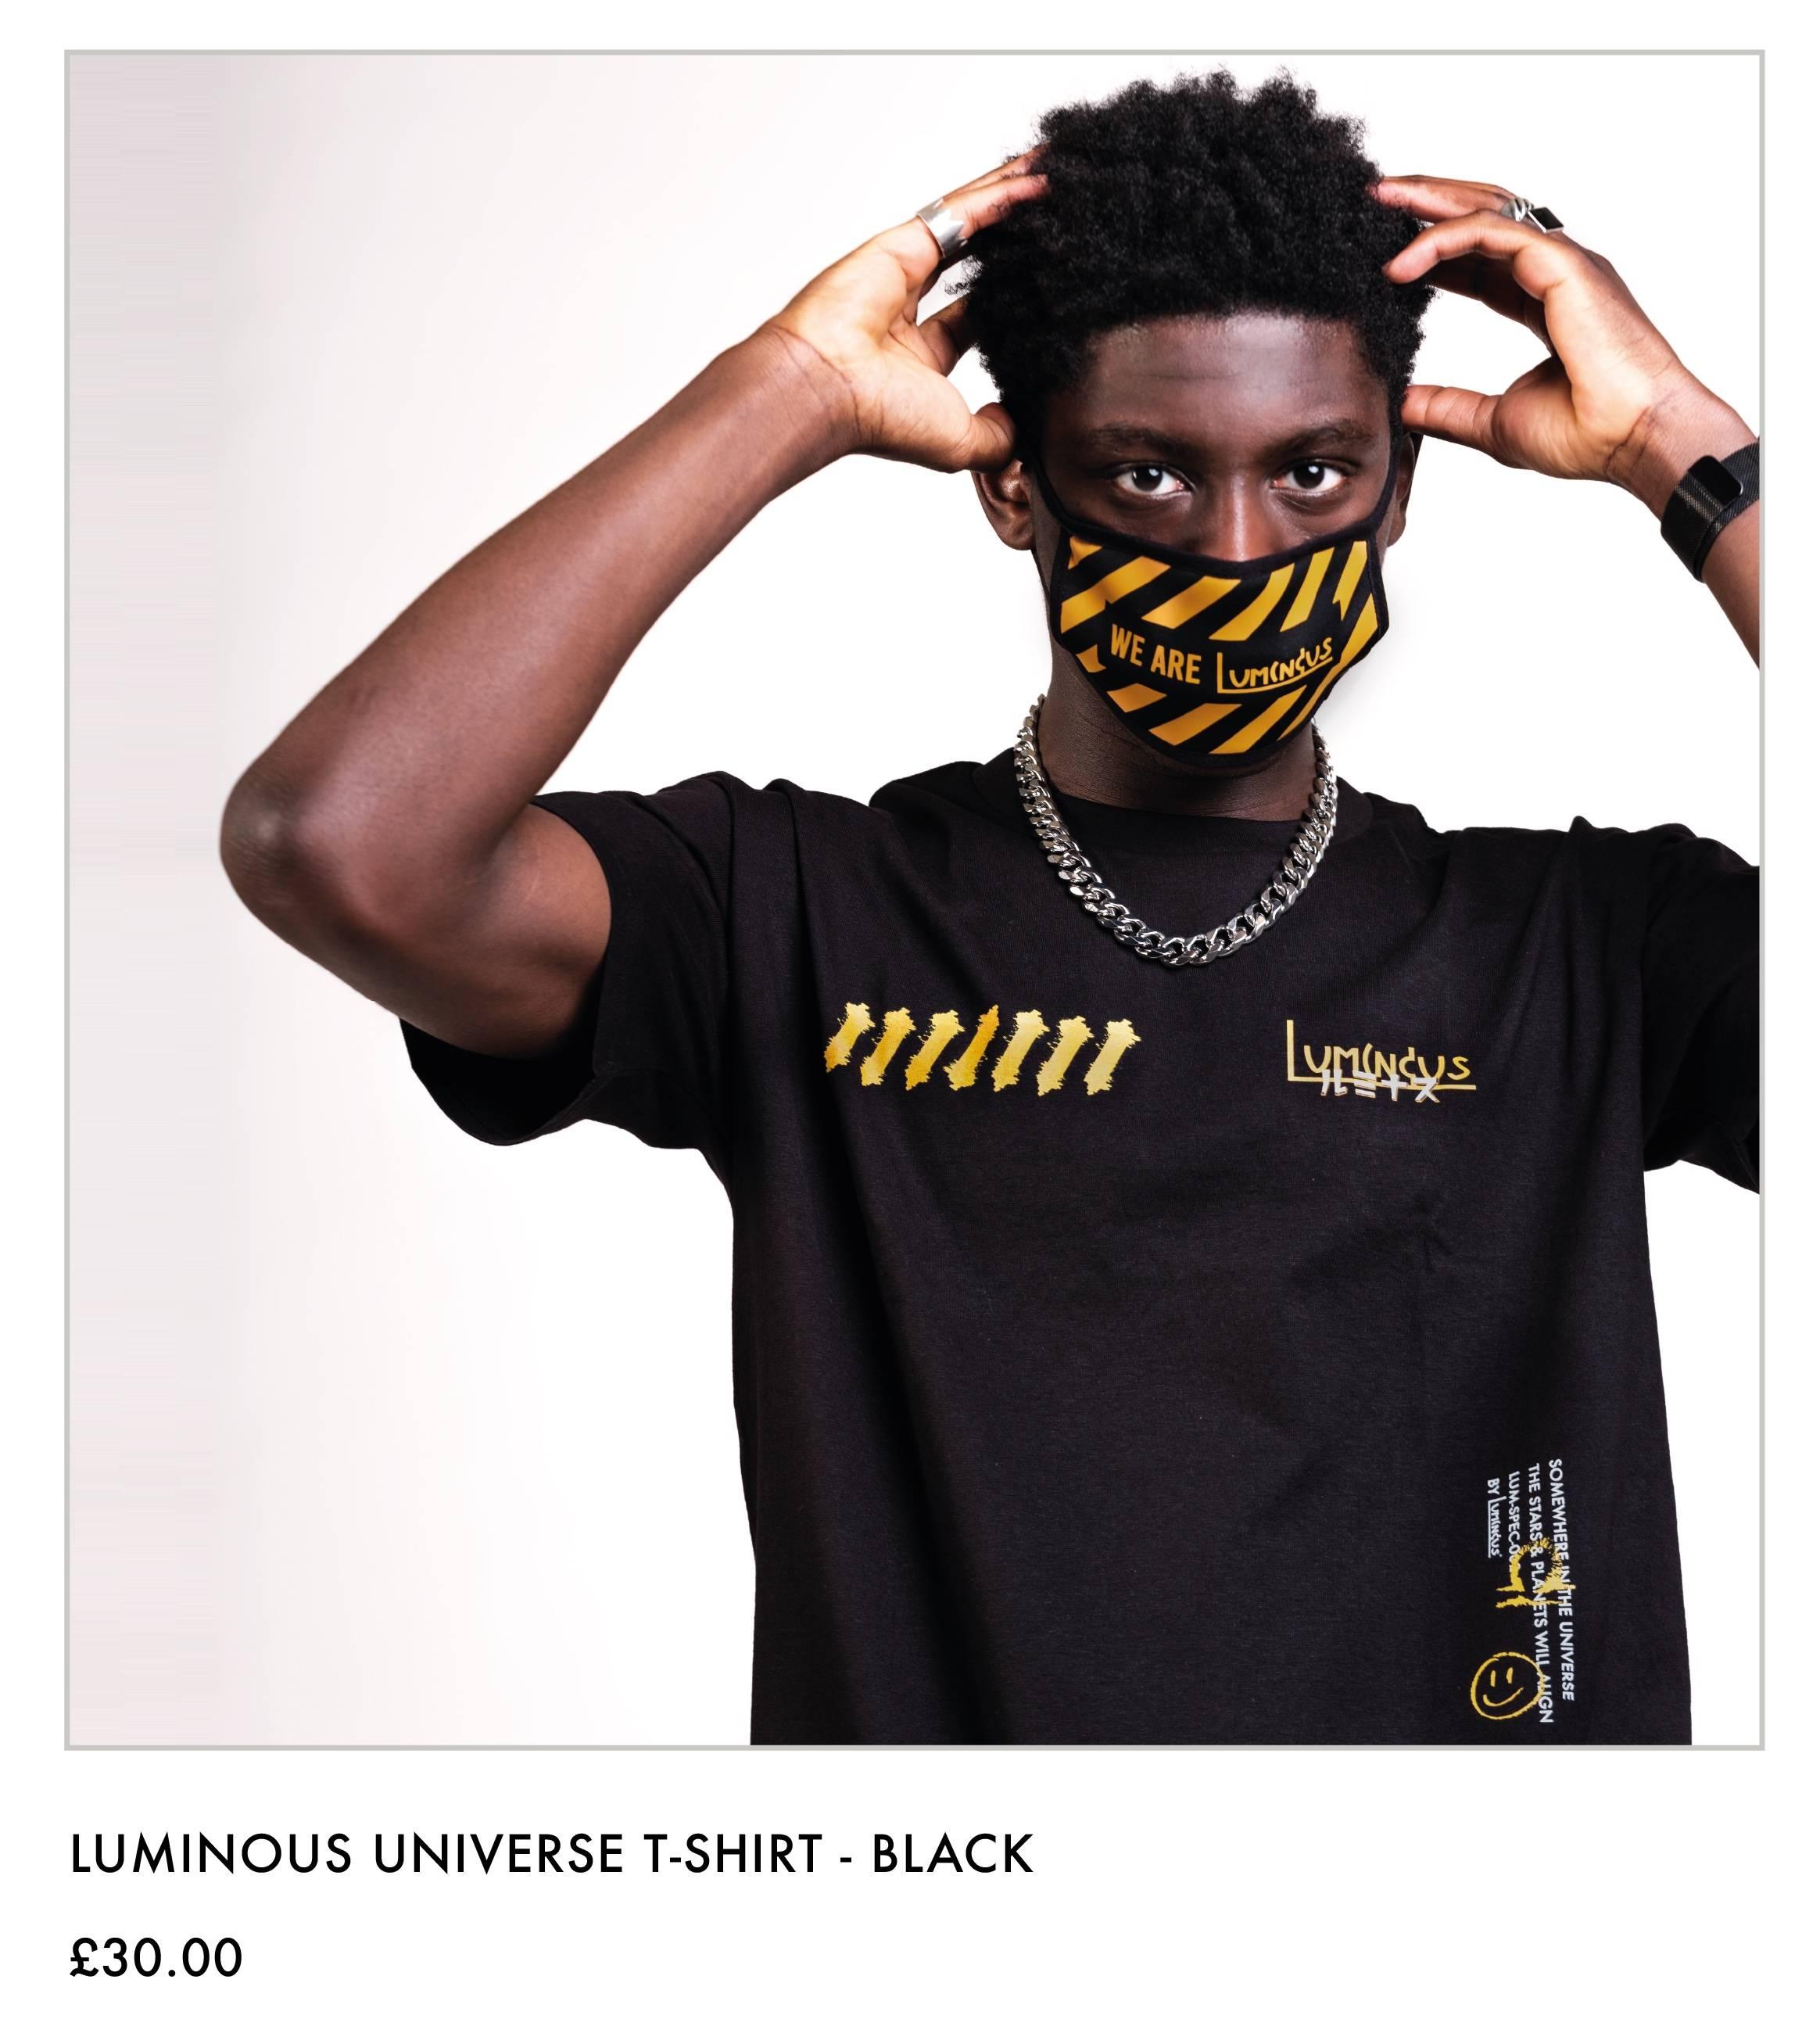 Luminous Universe T-shirt - Black